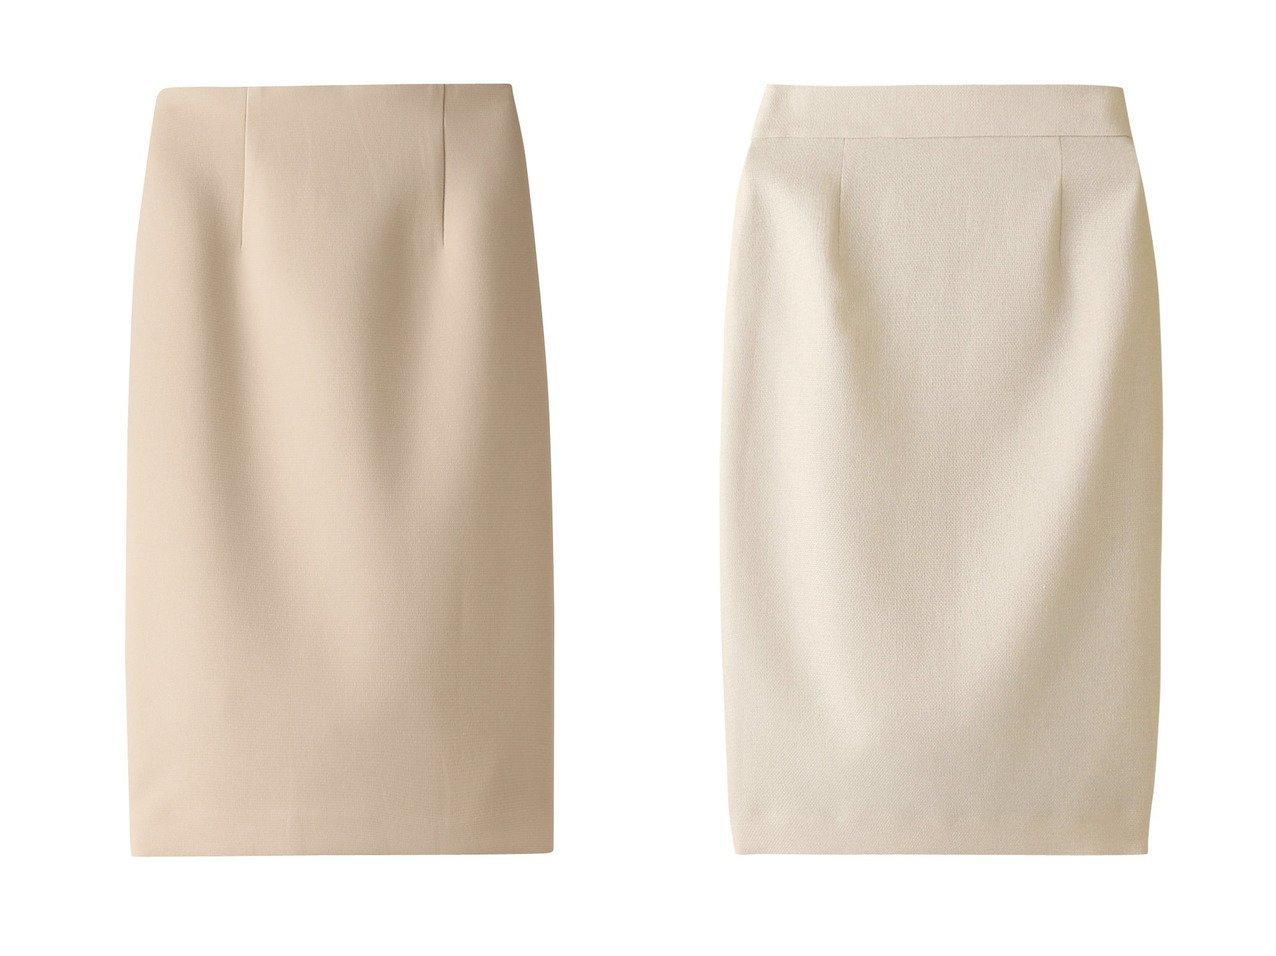 【ANAYI/アナイ】のダブルクロスタイトスカート&バスケットストレッチタイトスカート スカートのおすすめ!人気、トレンド・レディースファッションの通販 おすすめで人気の流行・トレンド、ファッションの通販商品 メンズファッション・キッズファッション・インテリア・家具・レディースファッション・服の通販 founy(ファニー) https://founy.com/ ファッション Fashion レディースファッション WOMEN スカート Skirt シンプル タイトスカート ダブル 再入荷 Restock/Back in Stock/Re Arrival ジャケット セットアップ |ID:crp329100000012913